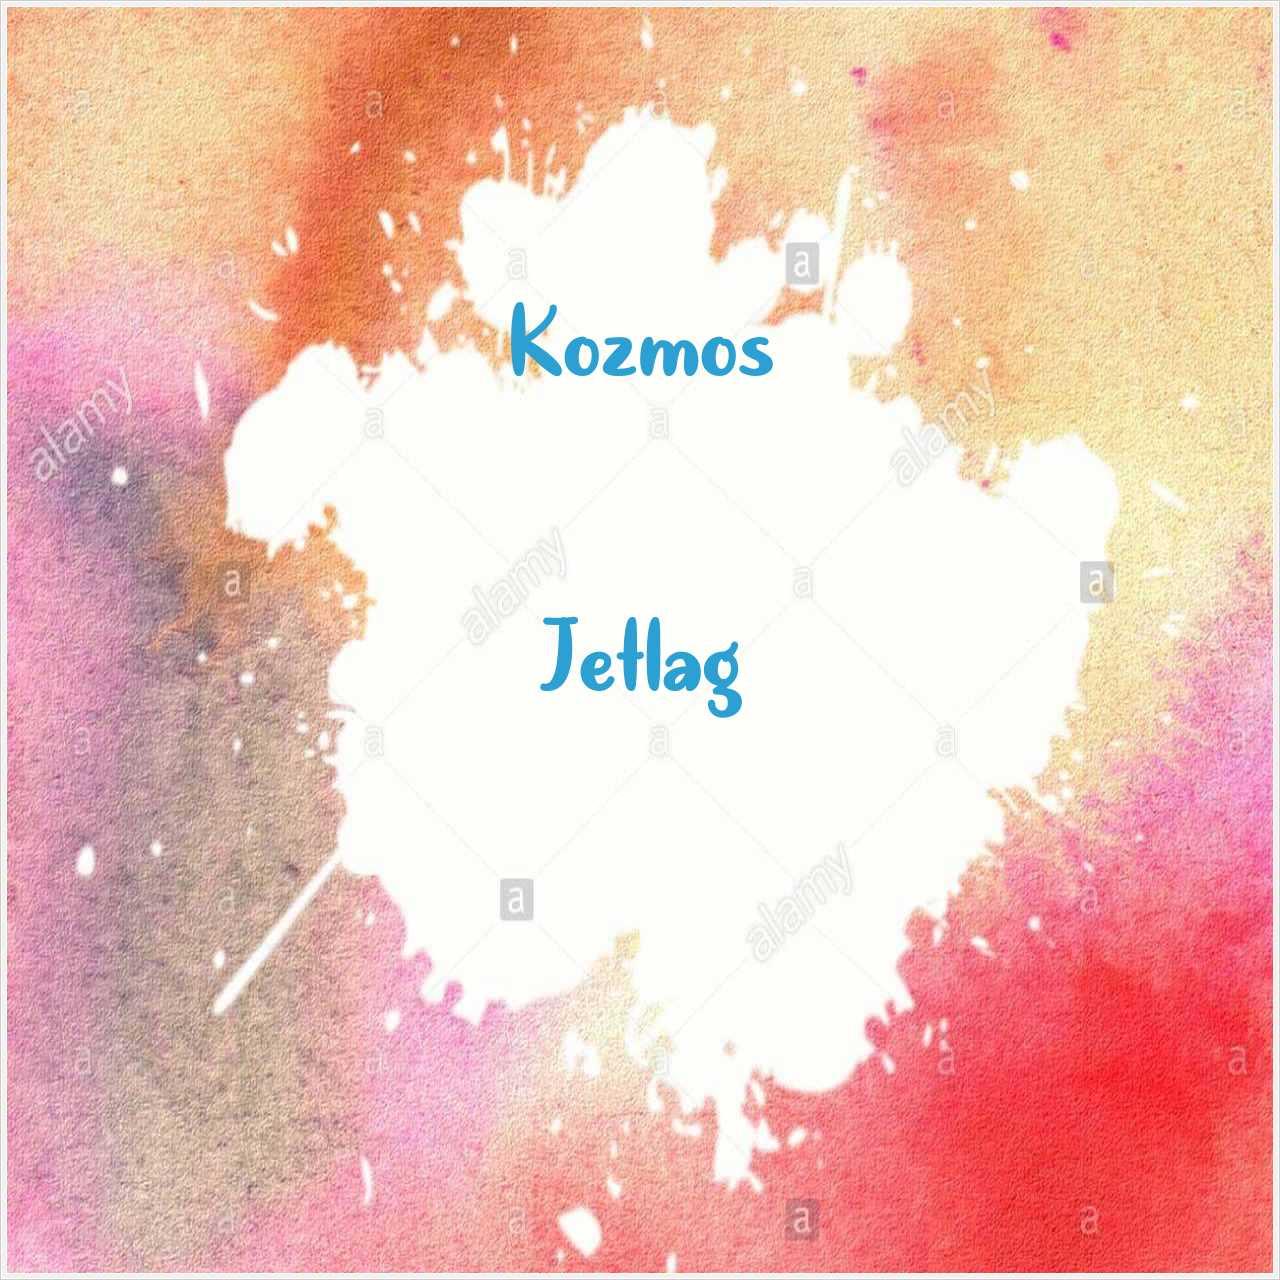 دانلود آهنگ جدید Kozmos به نام Jetlag